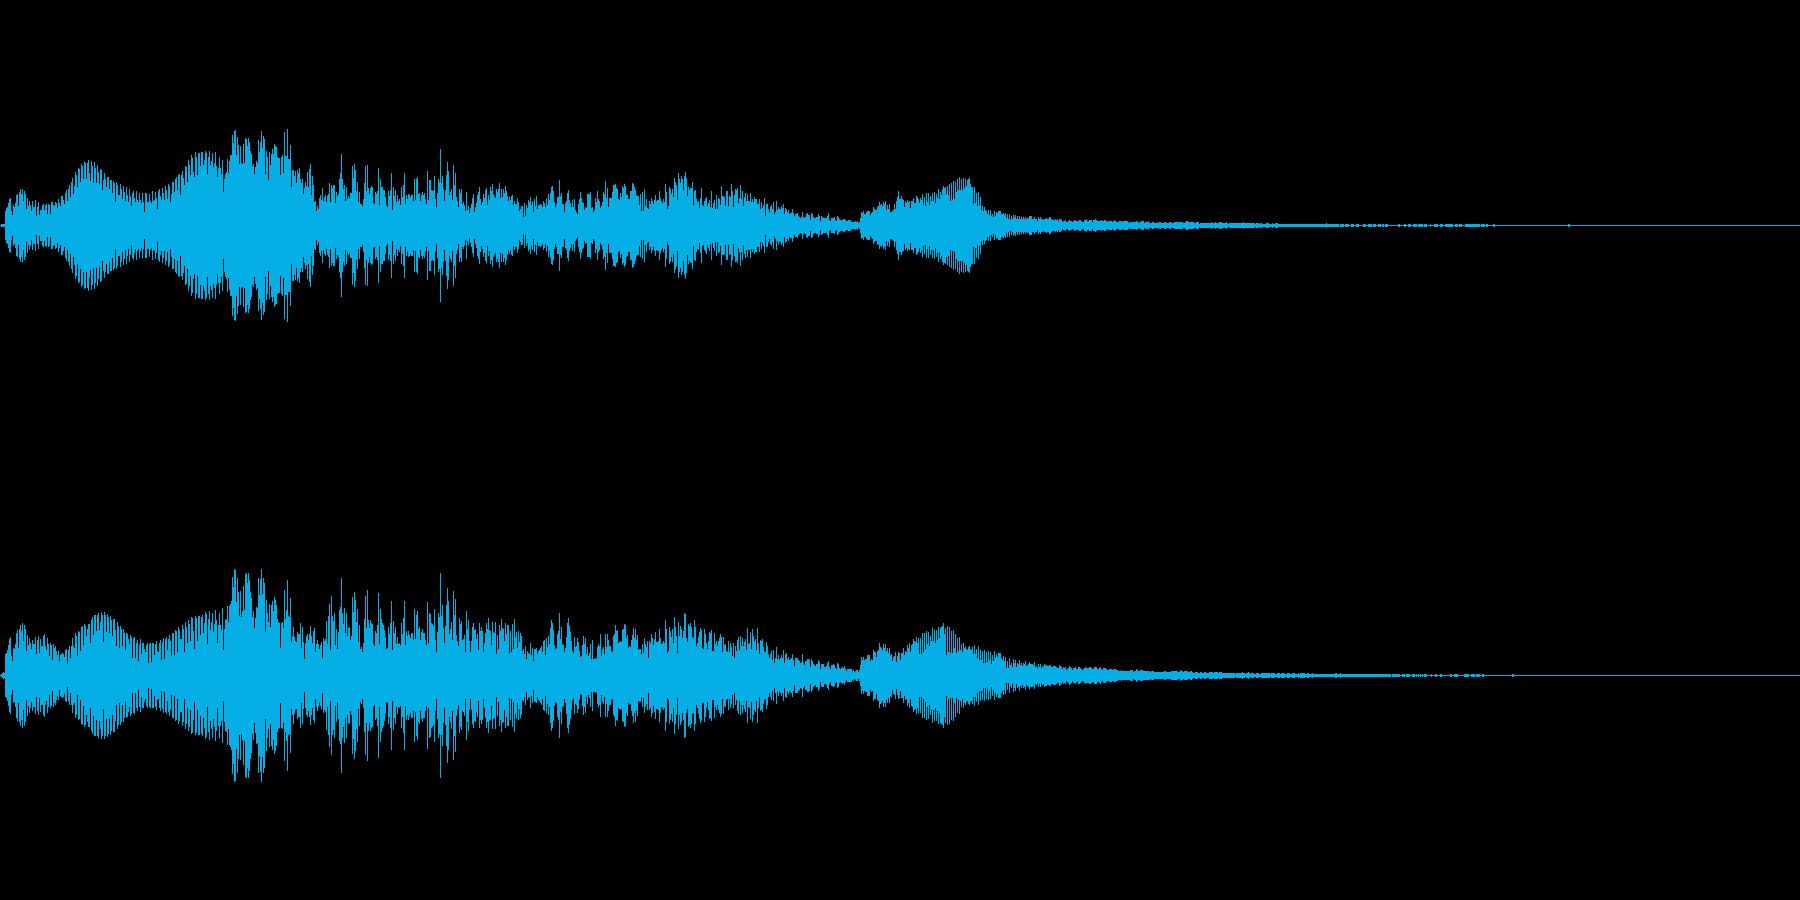 [効果音]ほのぼの、着信音の再生済みの波形